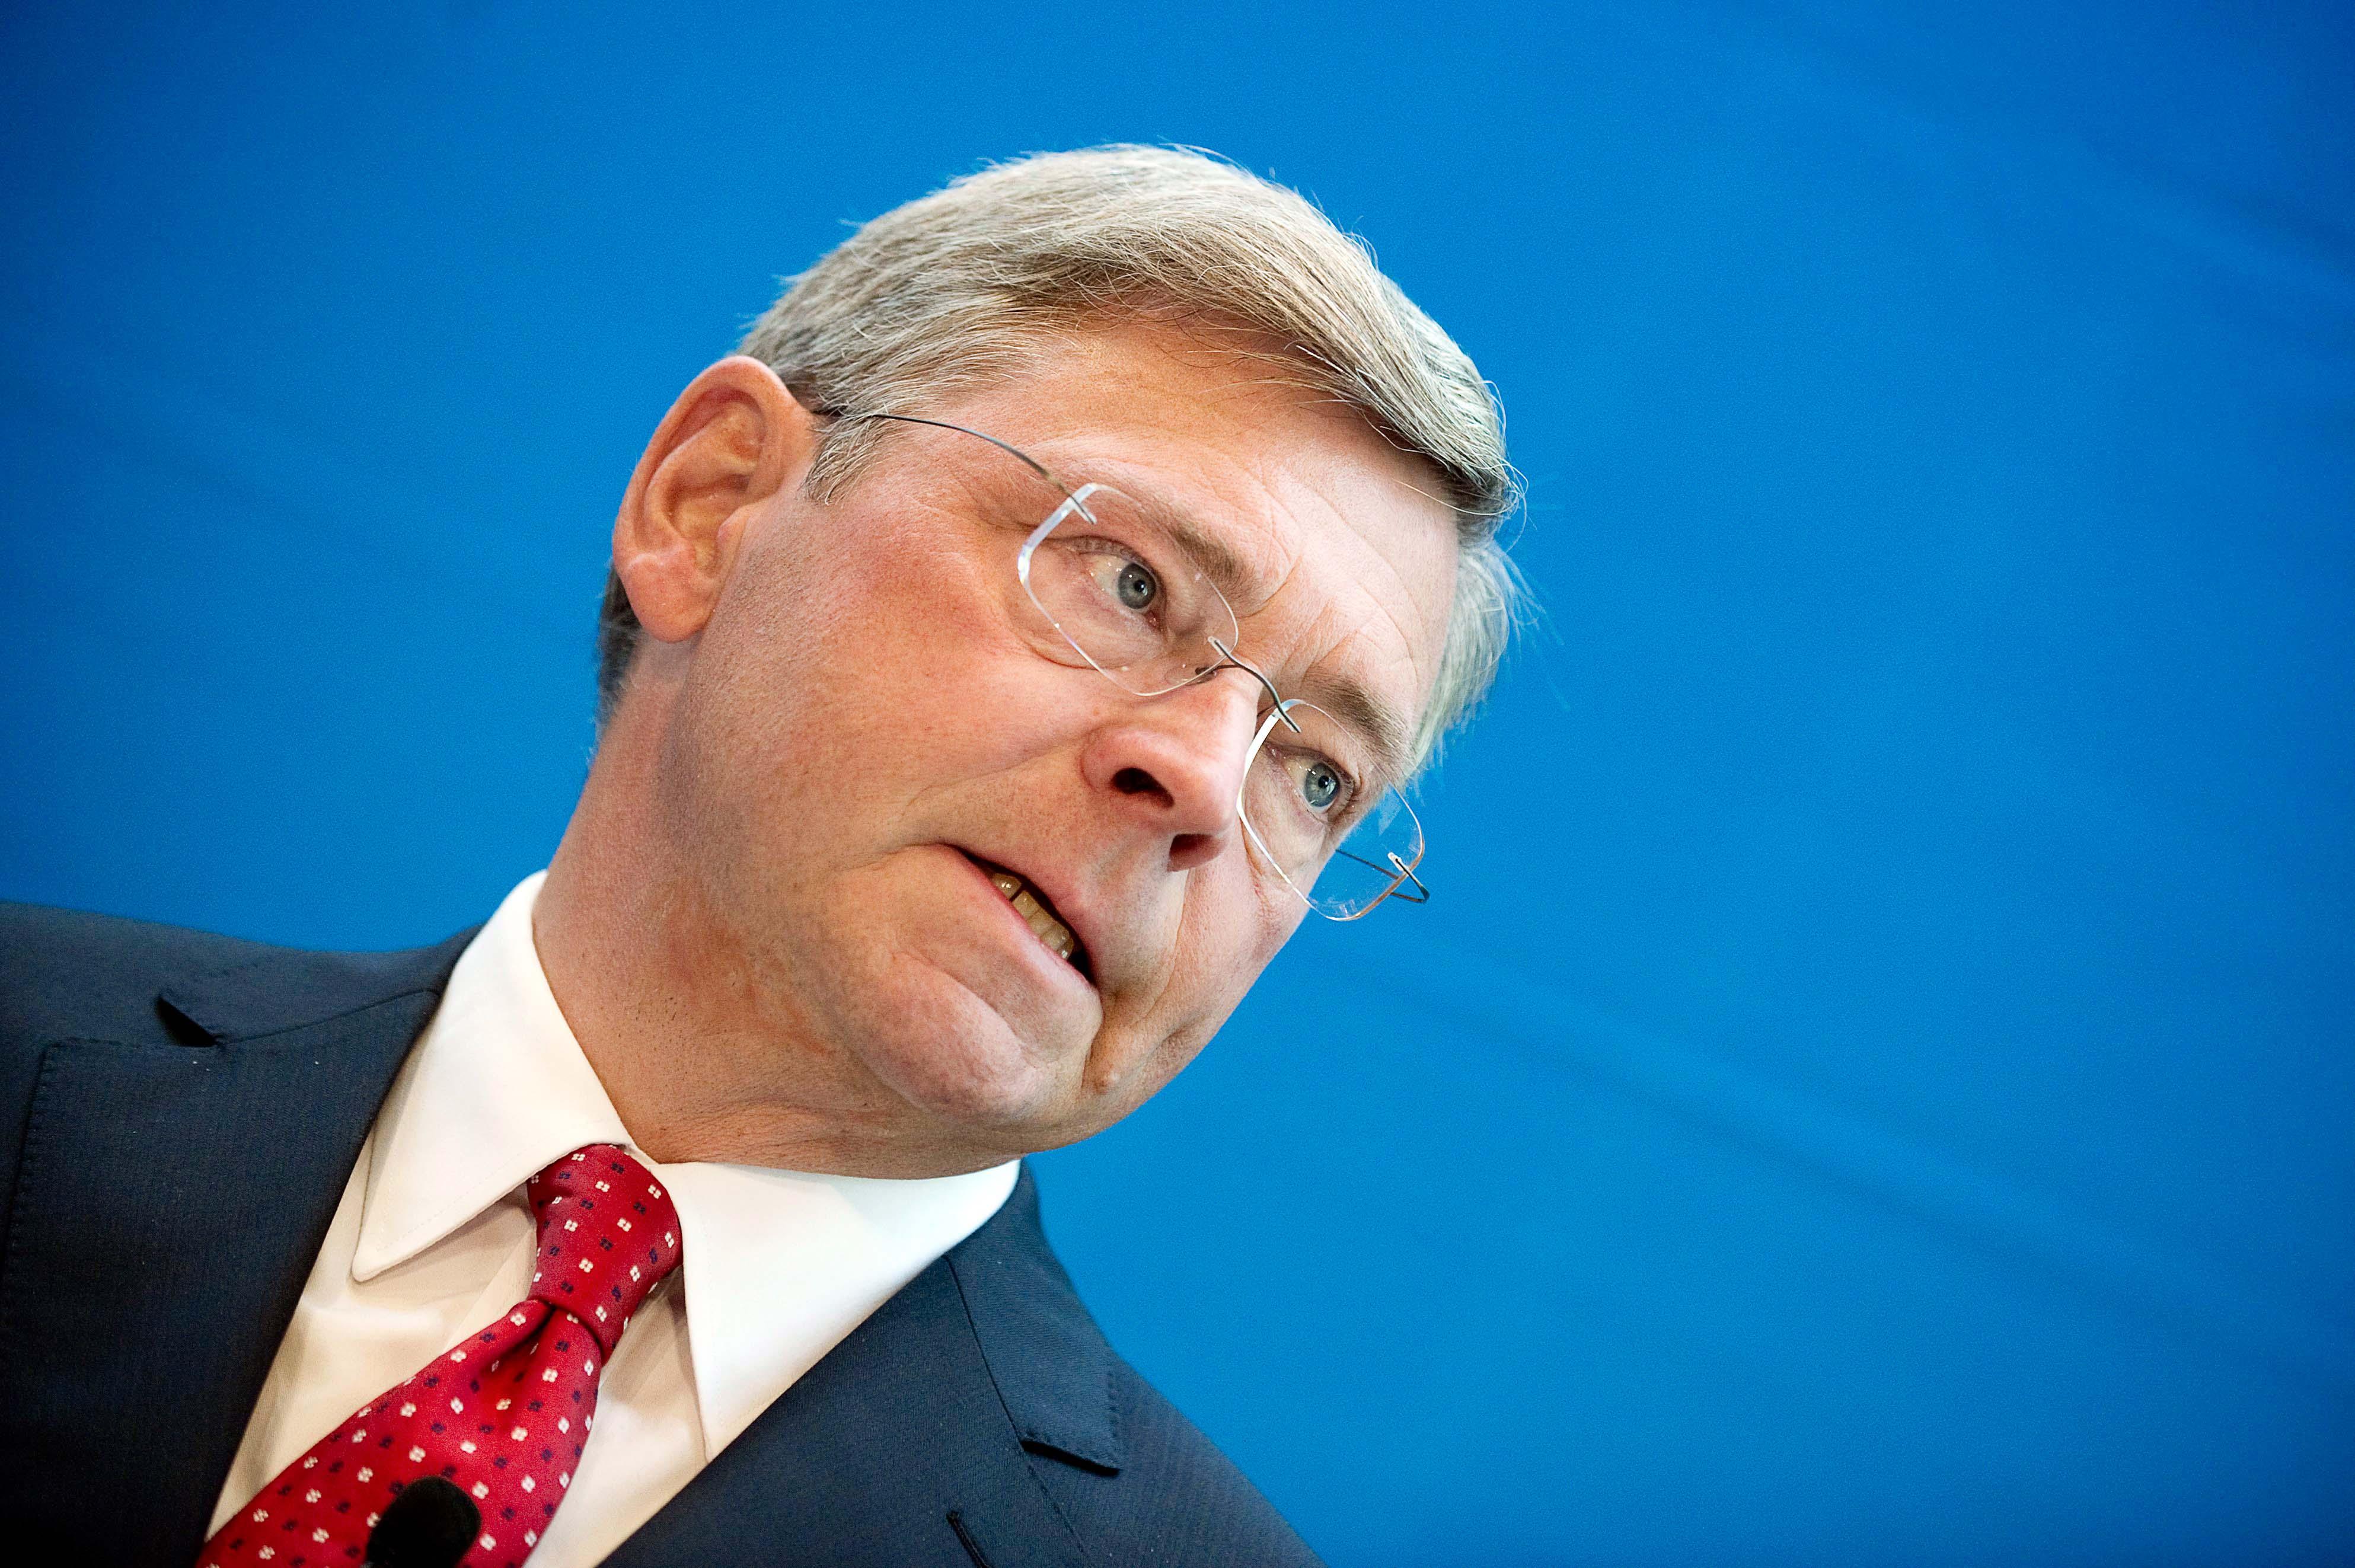 Nordeas chef får lyxlägenheten betald av sin arbetsgivare. Foto: Maja Suslin/Scanpix